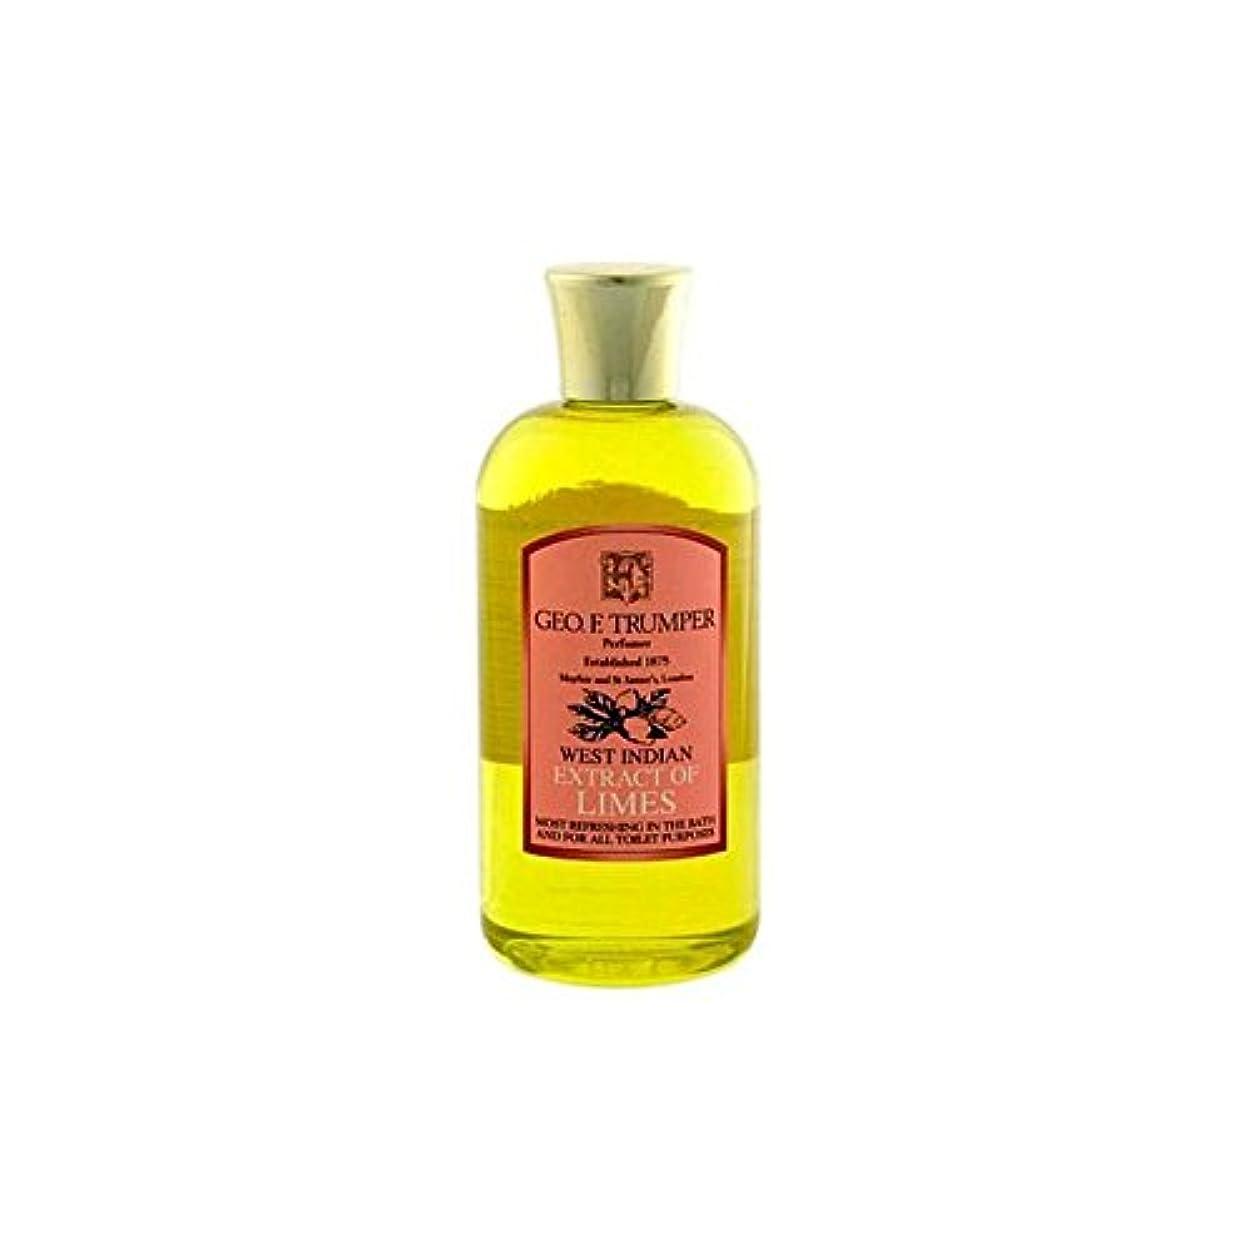 権利を与えるアサーお尻ライムのバスタブとシャワージェル200の抽出物を x4 - Trumpers Extracts of Limes Bath and Shower Gel 200ml (Pack of 4) [並行輸入品]